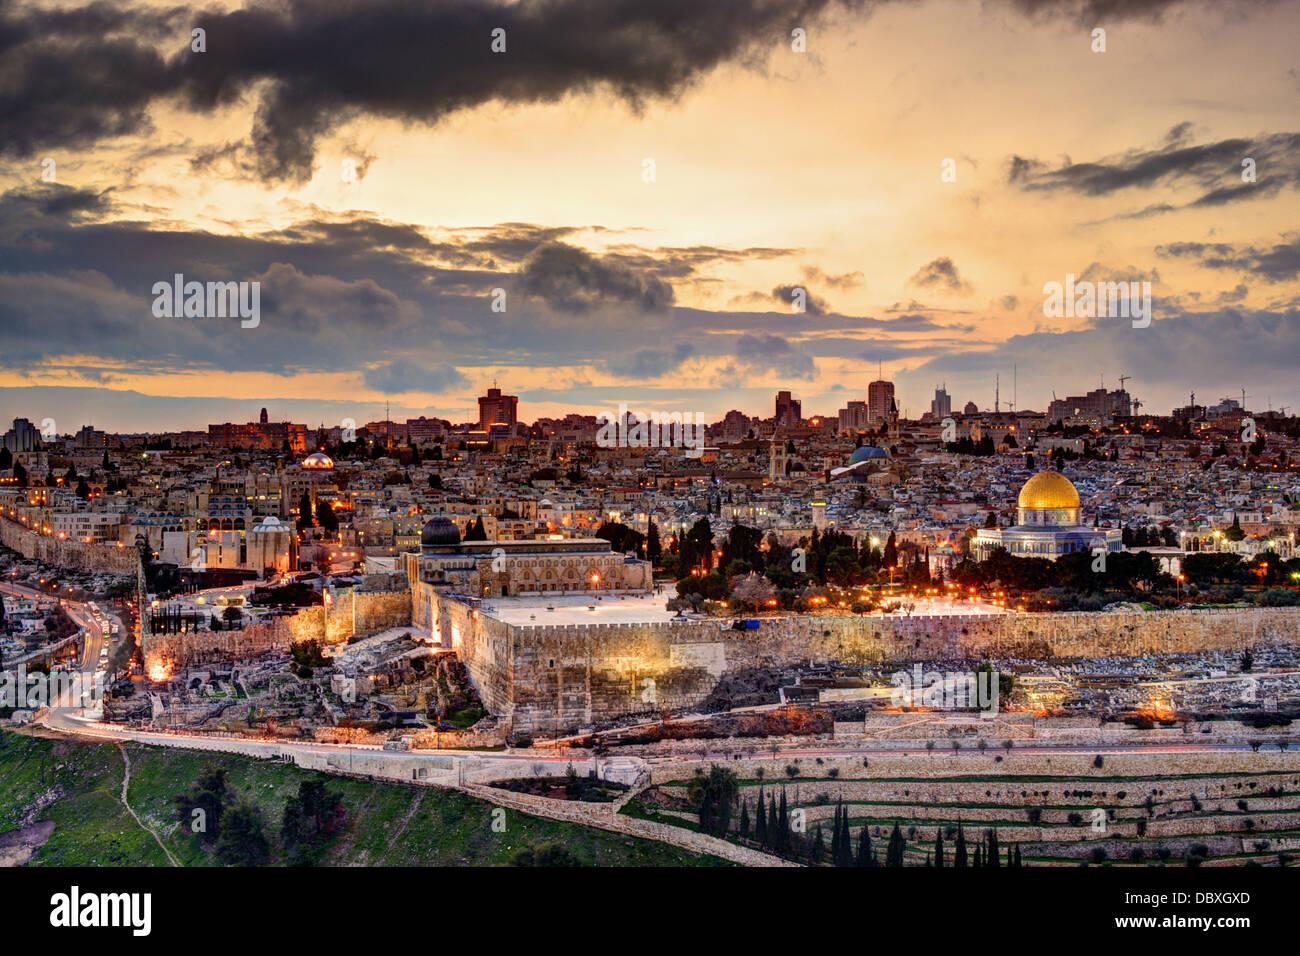 El horizonte de la Ciudad Vieja y el Monte del Templo en Jerusalén, Israel. Imagen De Stock